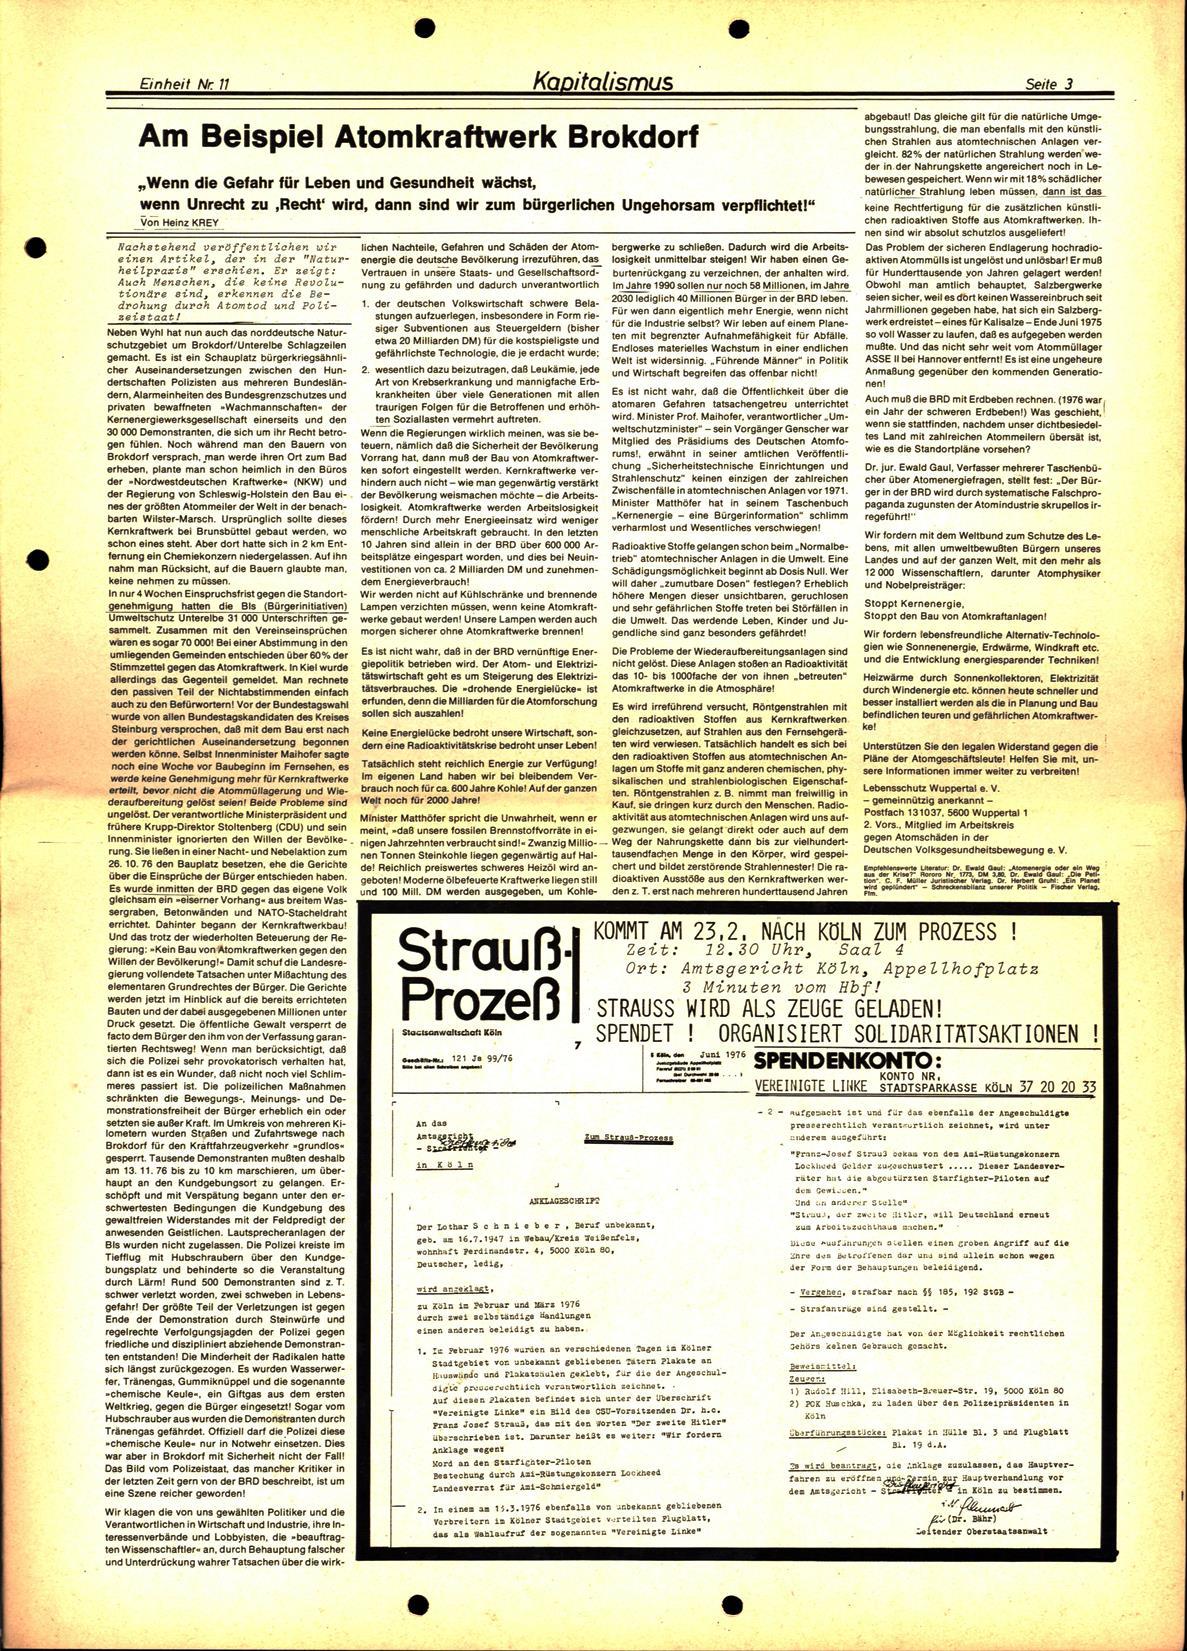 Koeln_IPdA_Einheit_1977_011_003